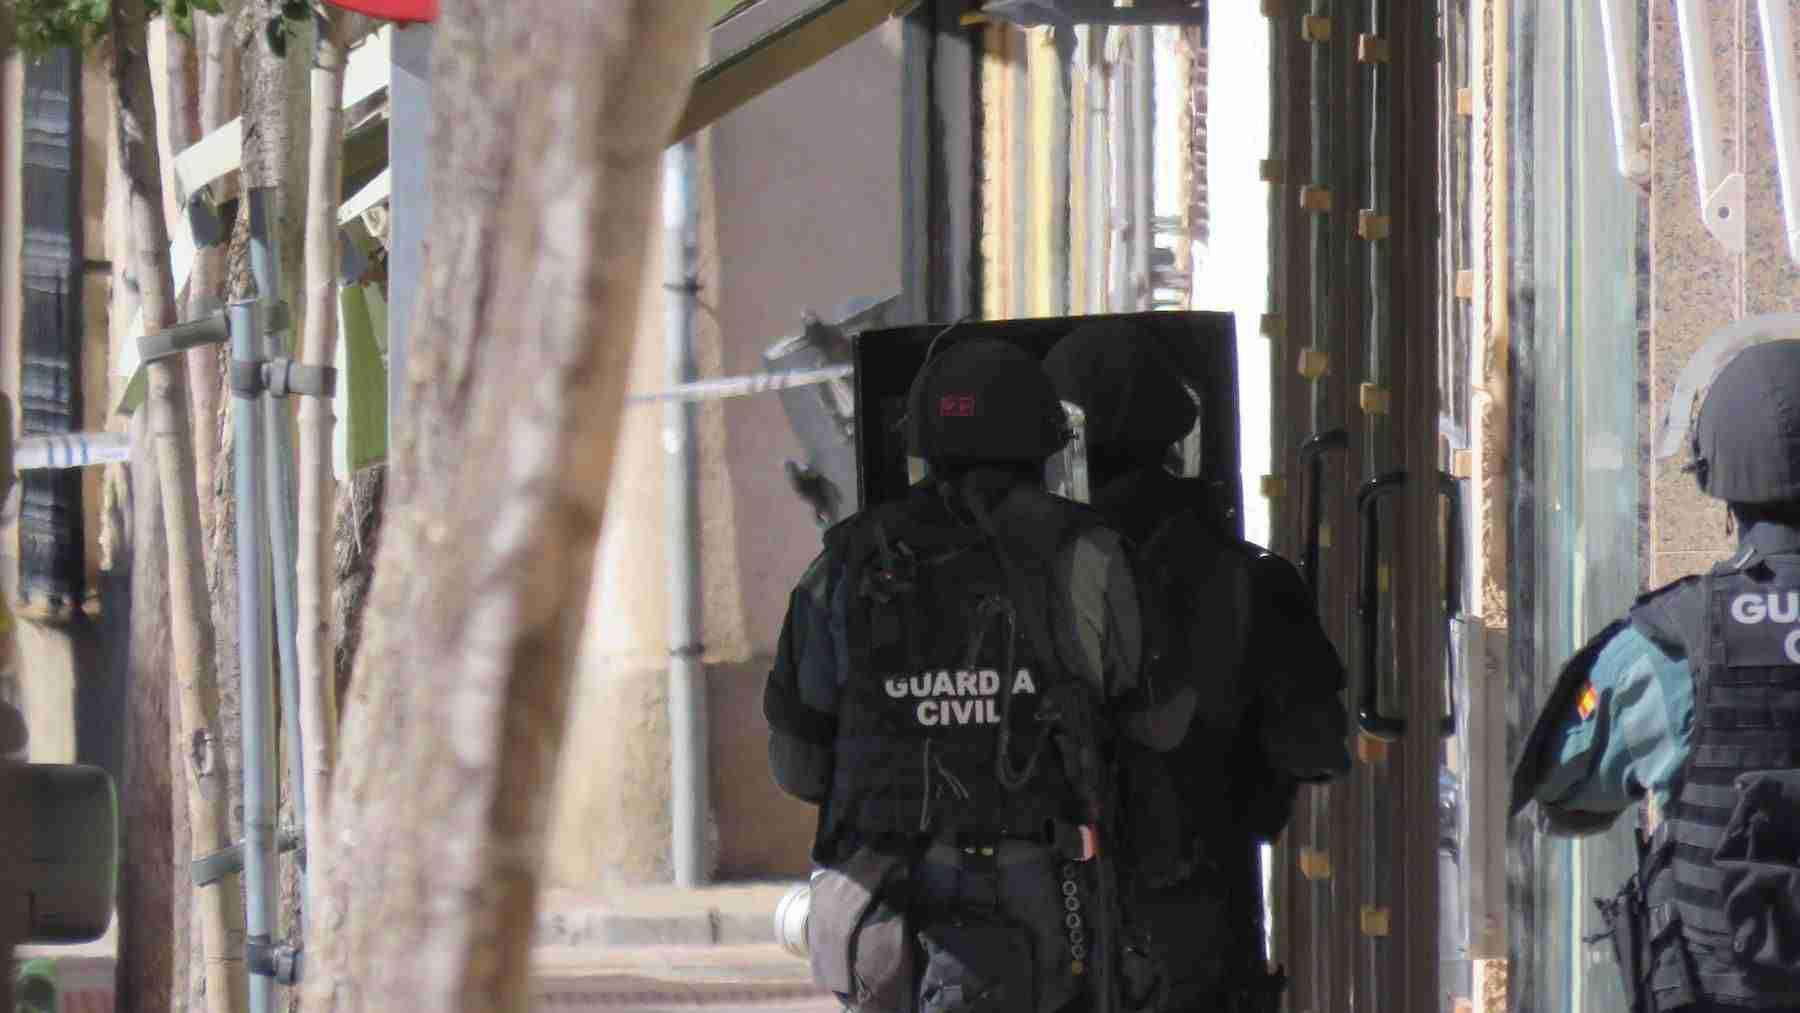 Manzanares felicita a la Guardia Civil y valora la positiva resolución por el hombre atrincherado 9